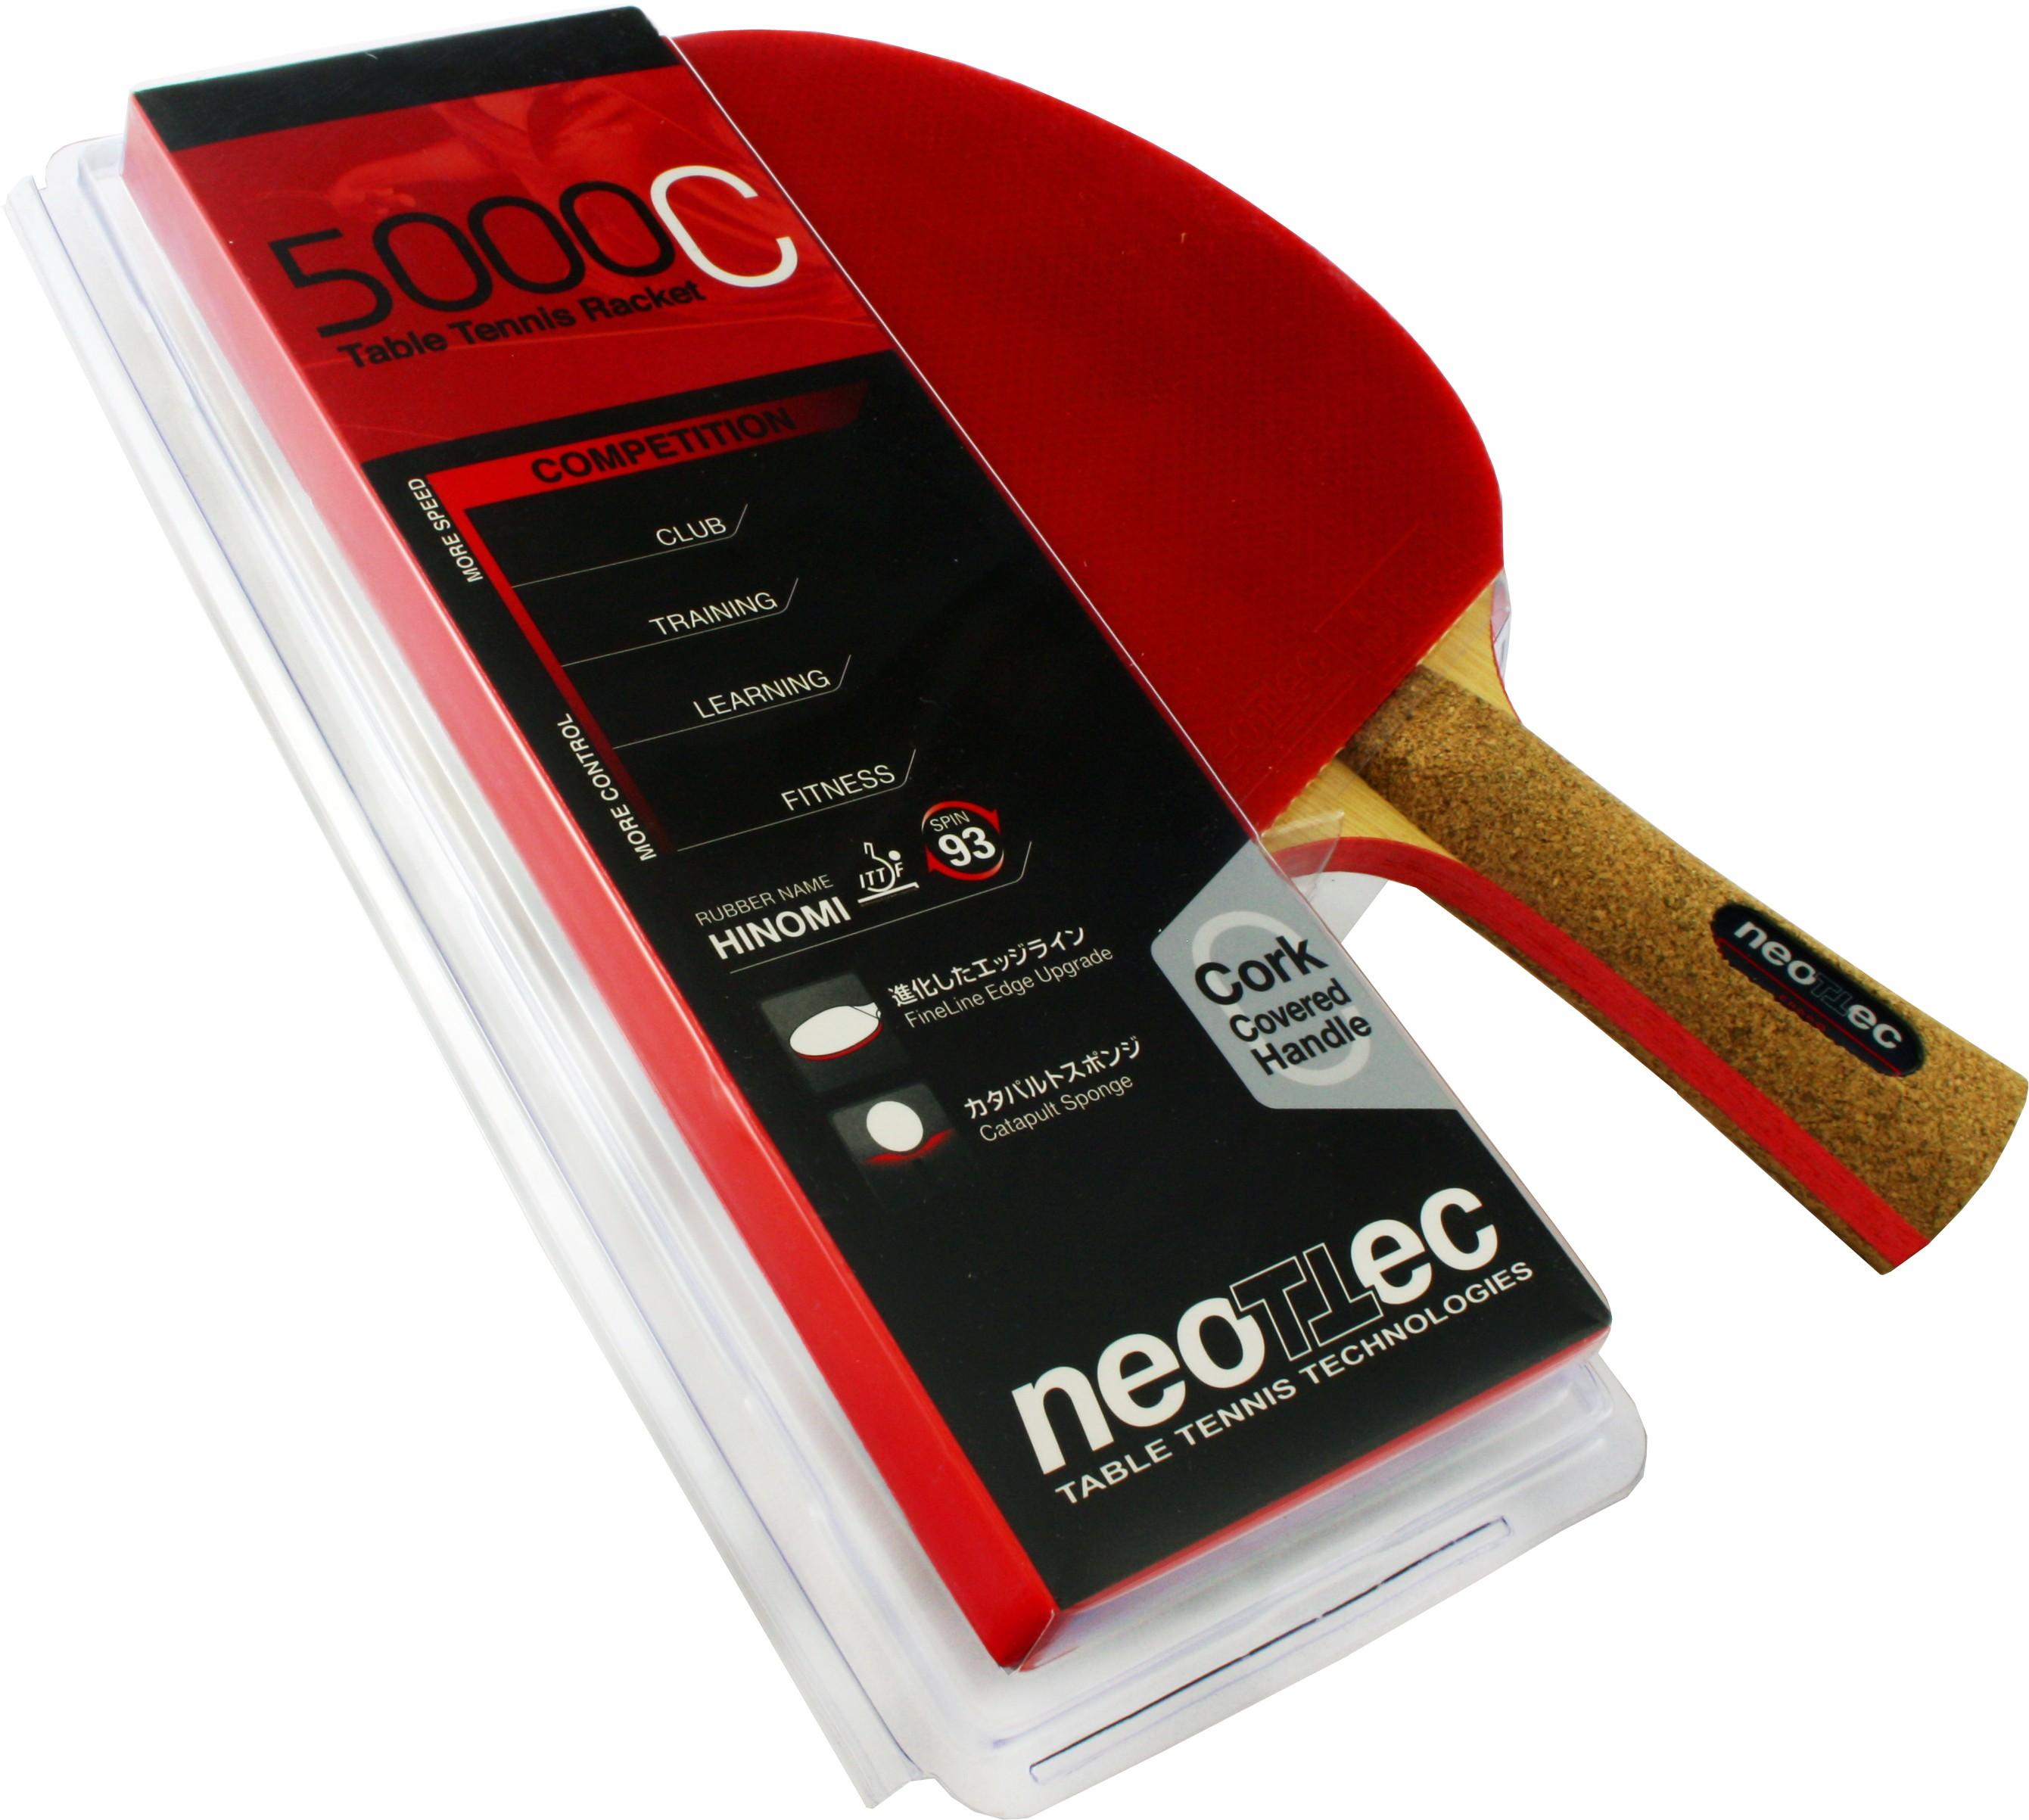 Neottec 5000c Tabletennis11 Com Tt11